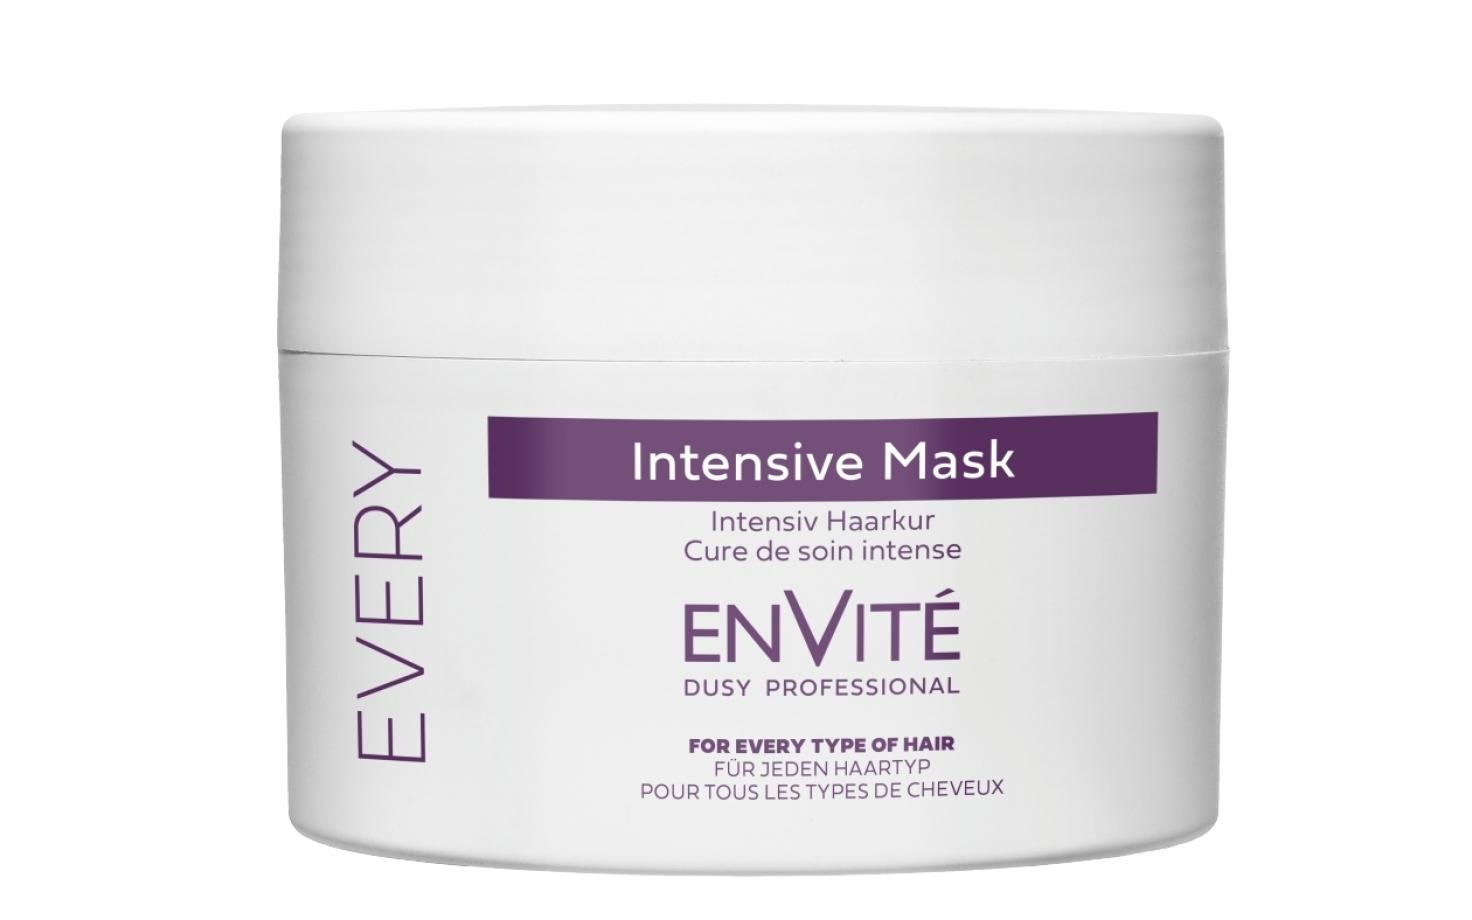 Dusy Envité Intensive Mask